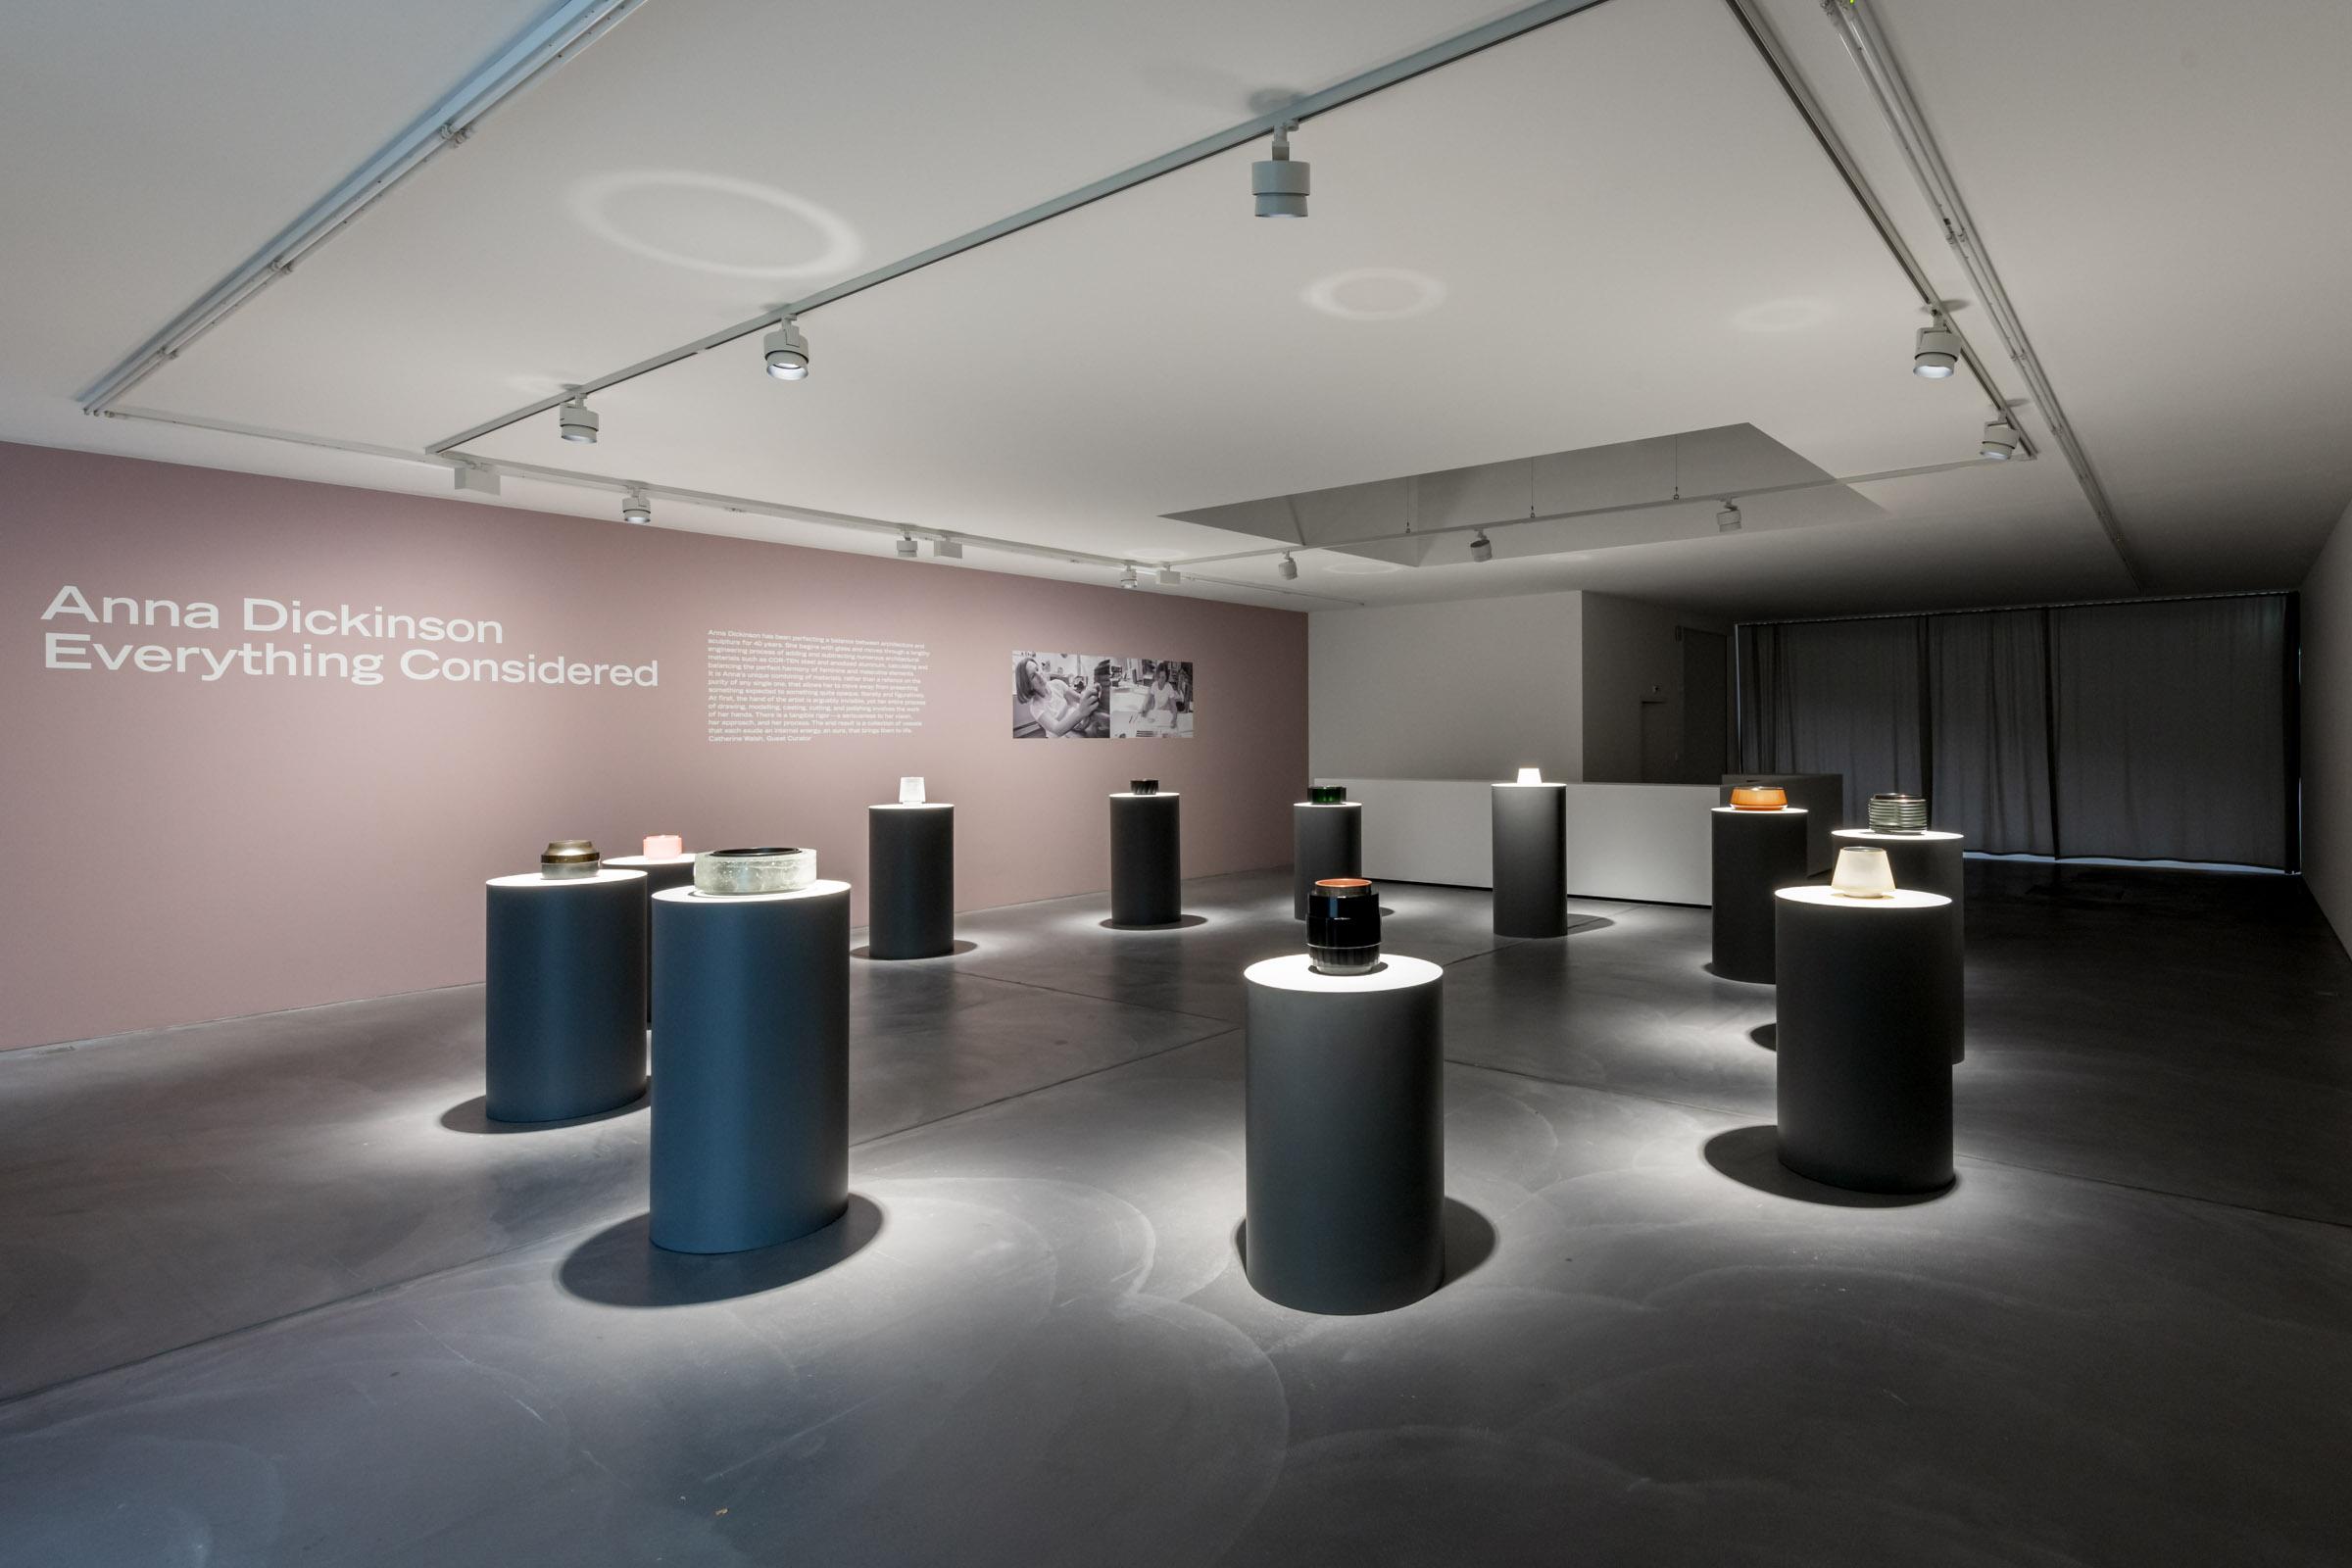 Exhibition: ANNA DICKINSON